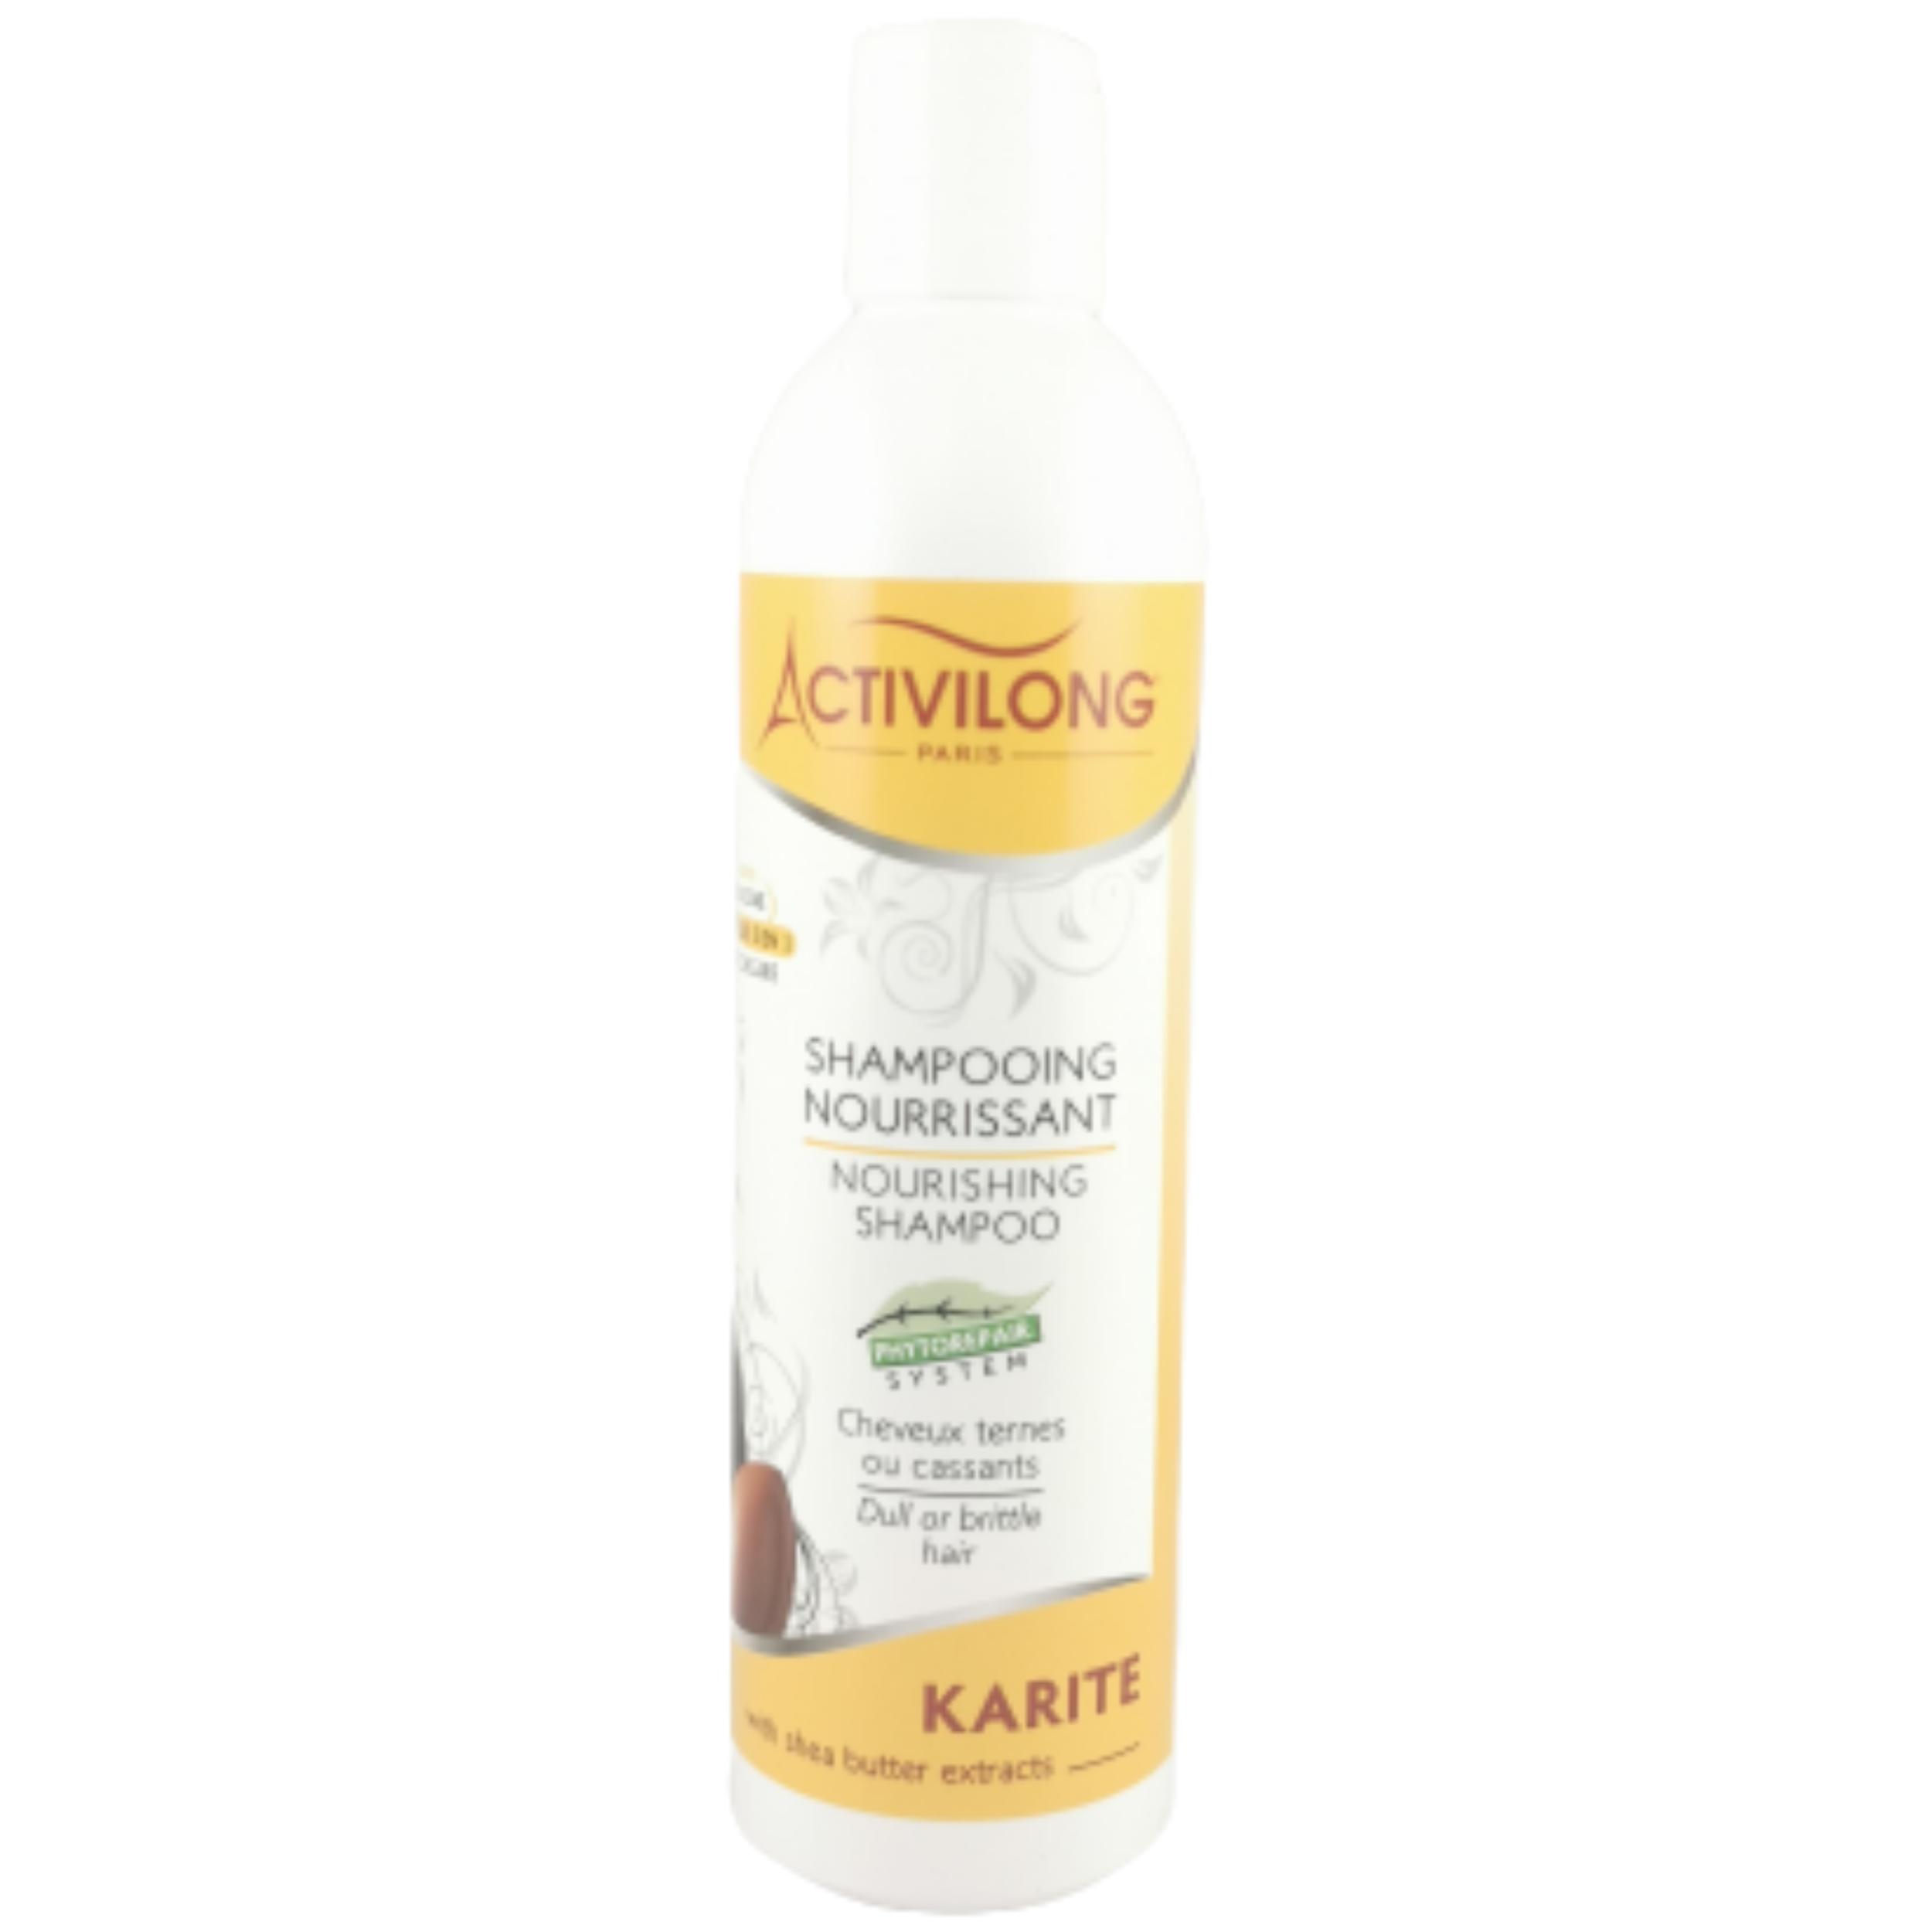 Shampooing karité. Nourrit le cheveu et restaure les longueurs ternes et cassantes - ACTIVILONG